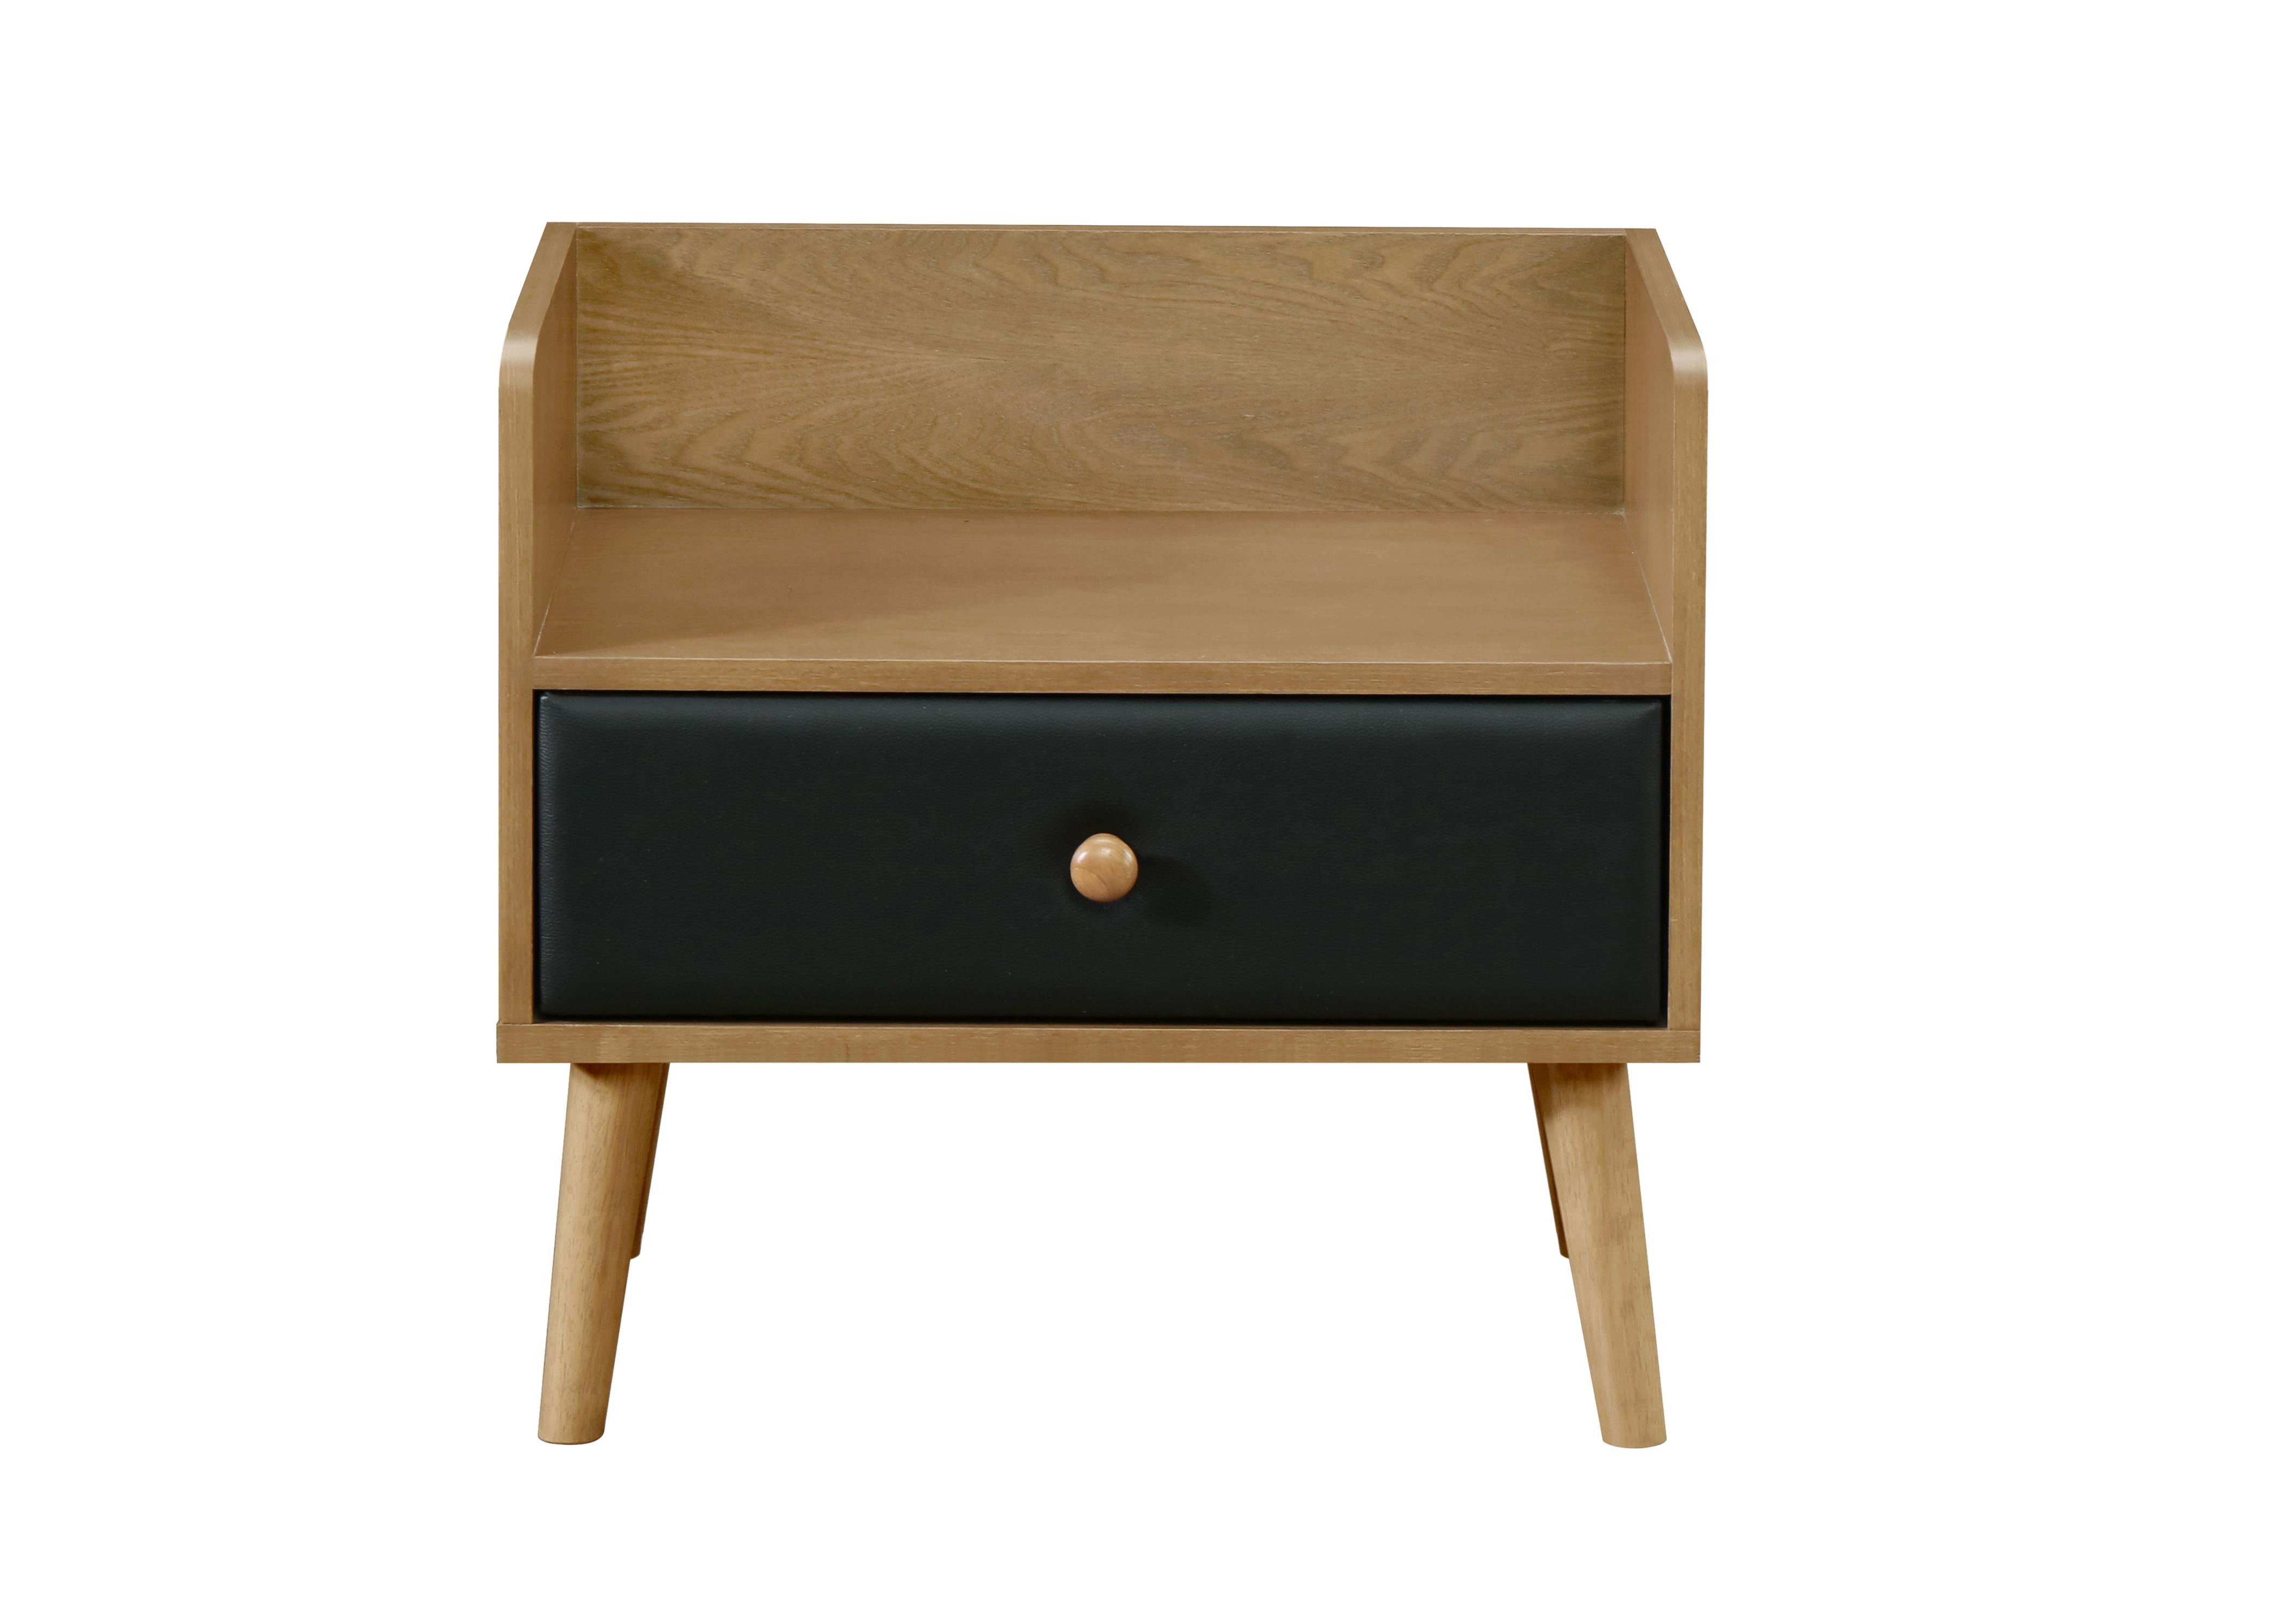 Noptiera din lemn si furnir, cu 1 sertar Ford Stejar / Negru, l58xA40xH55 cm